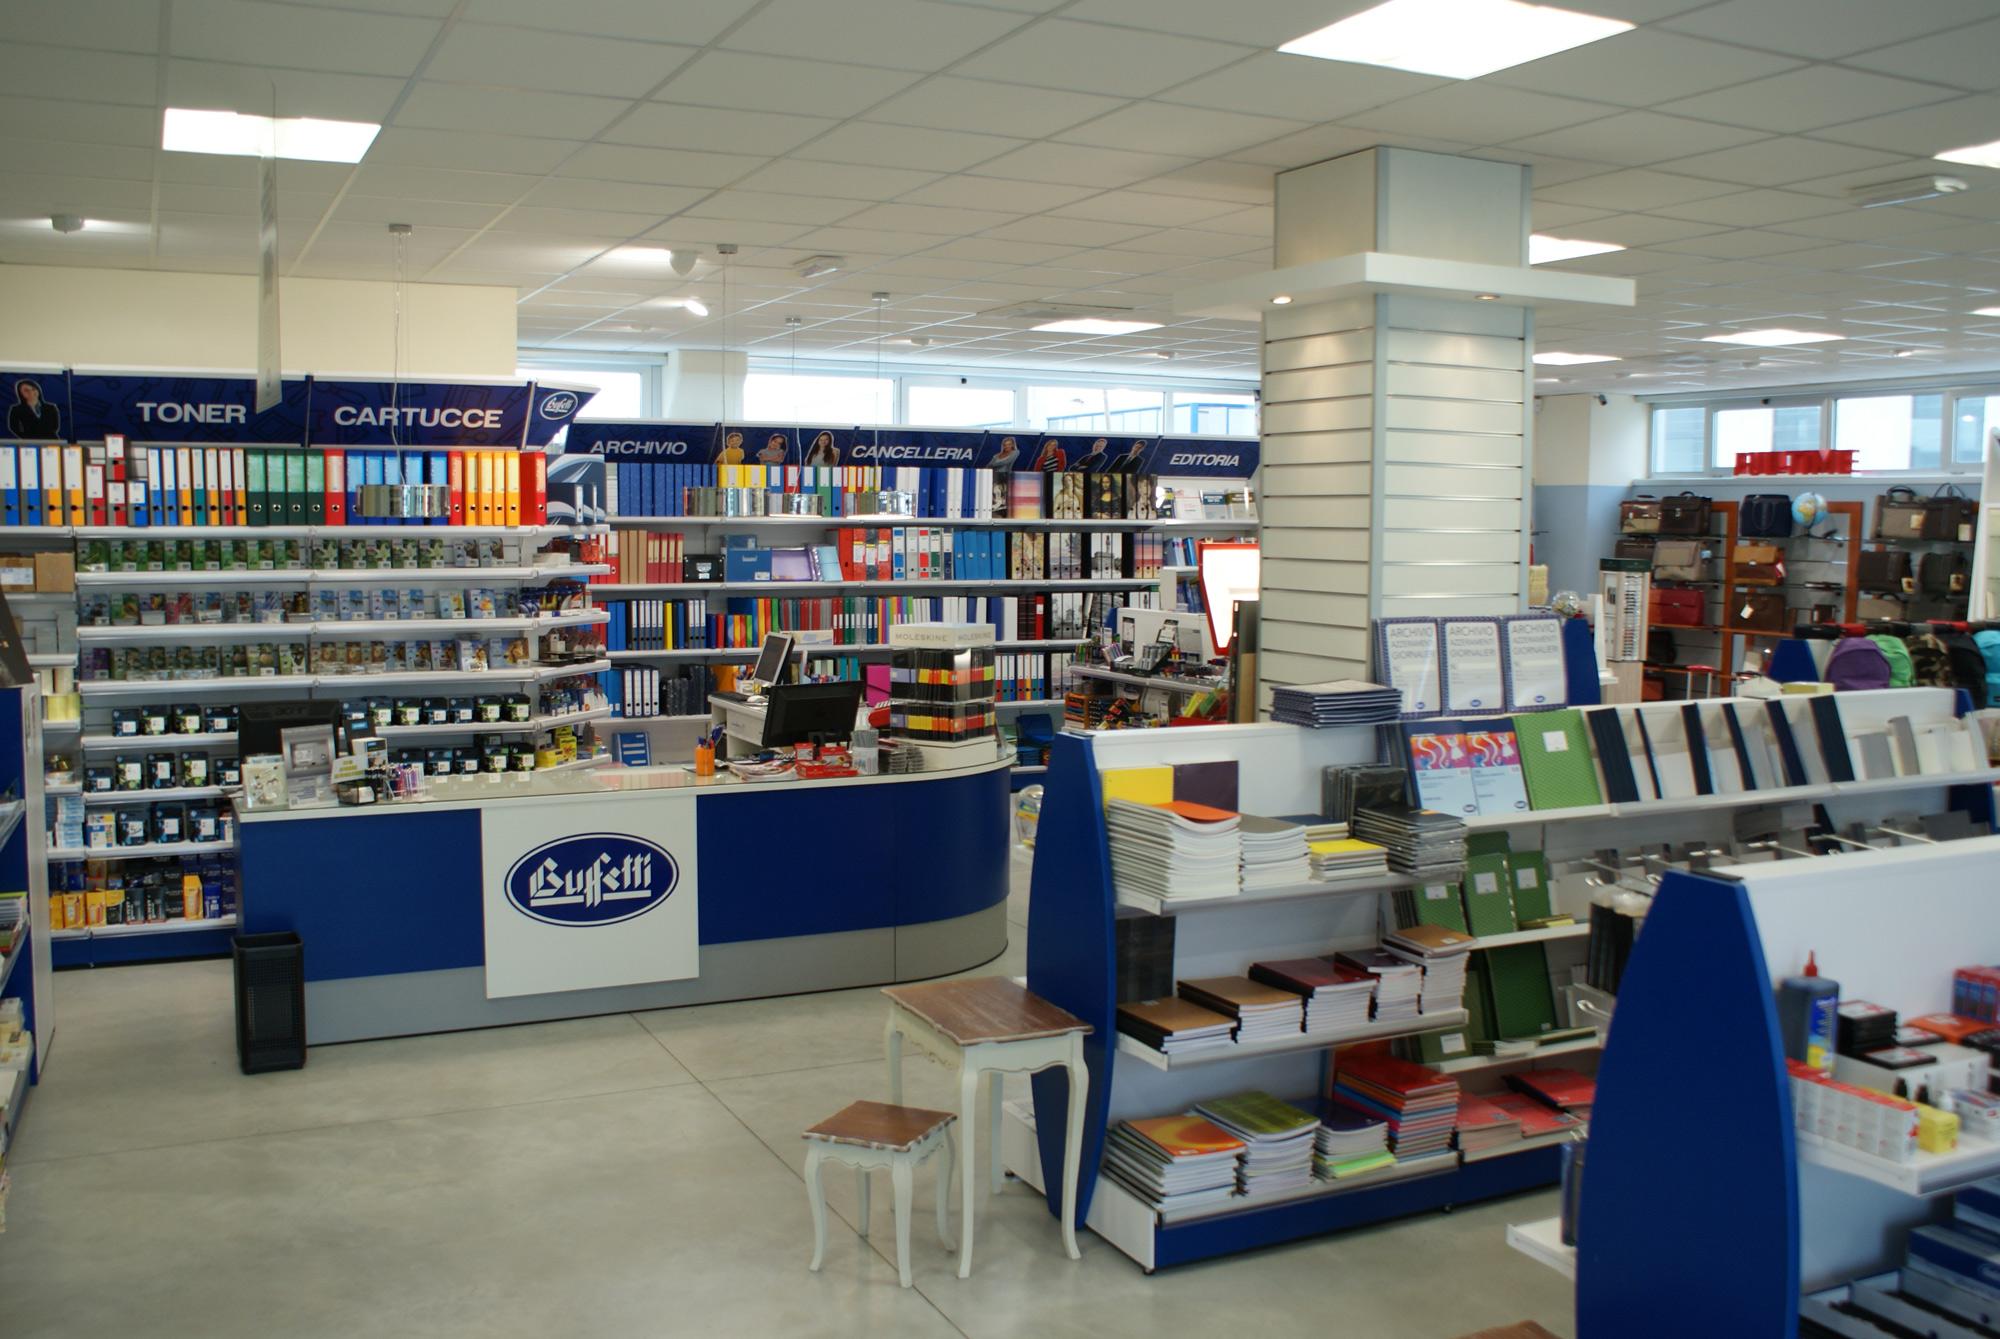 Arredamento per negozi di cartoleria cancelleria toscana for Arredamento negozi